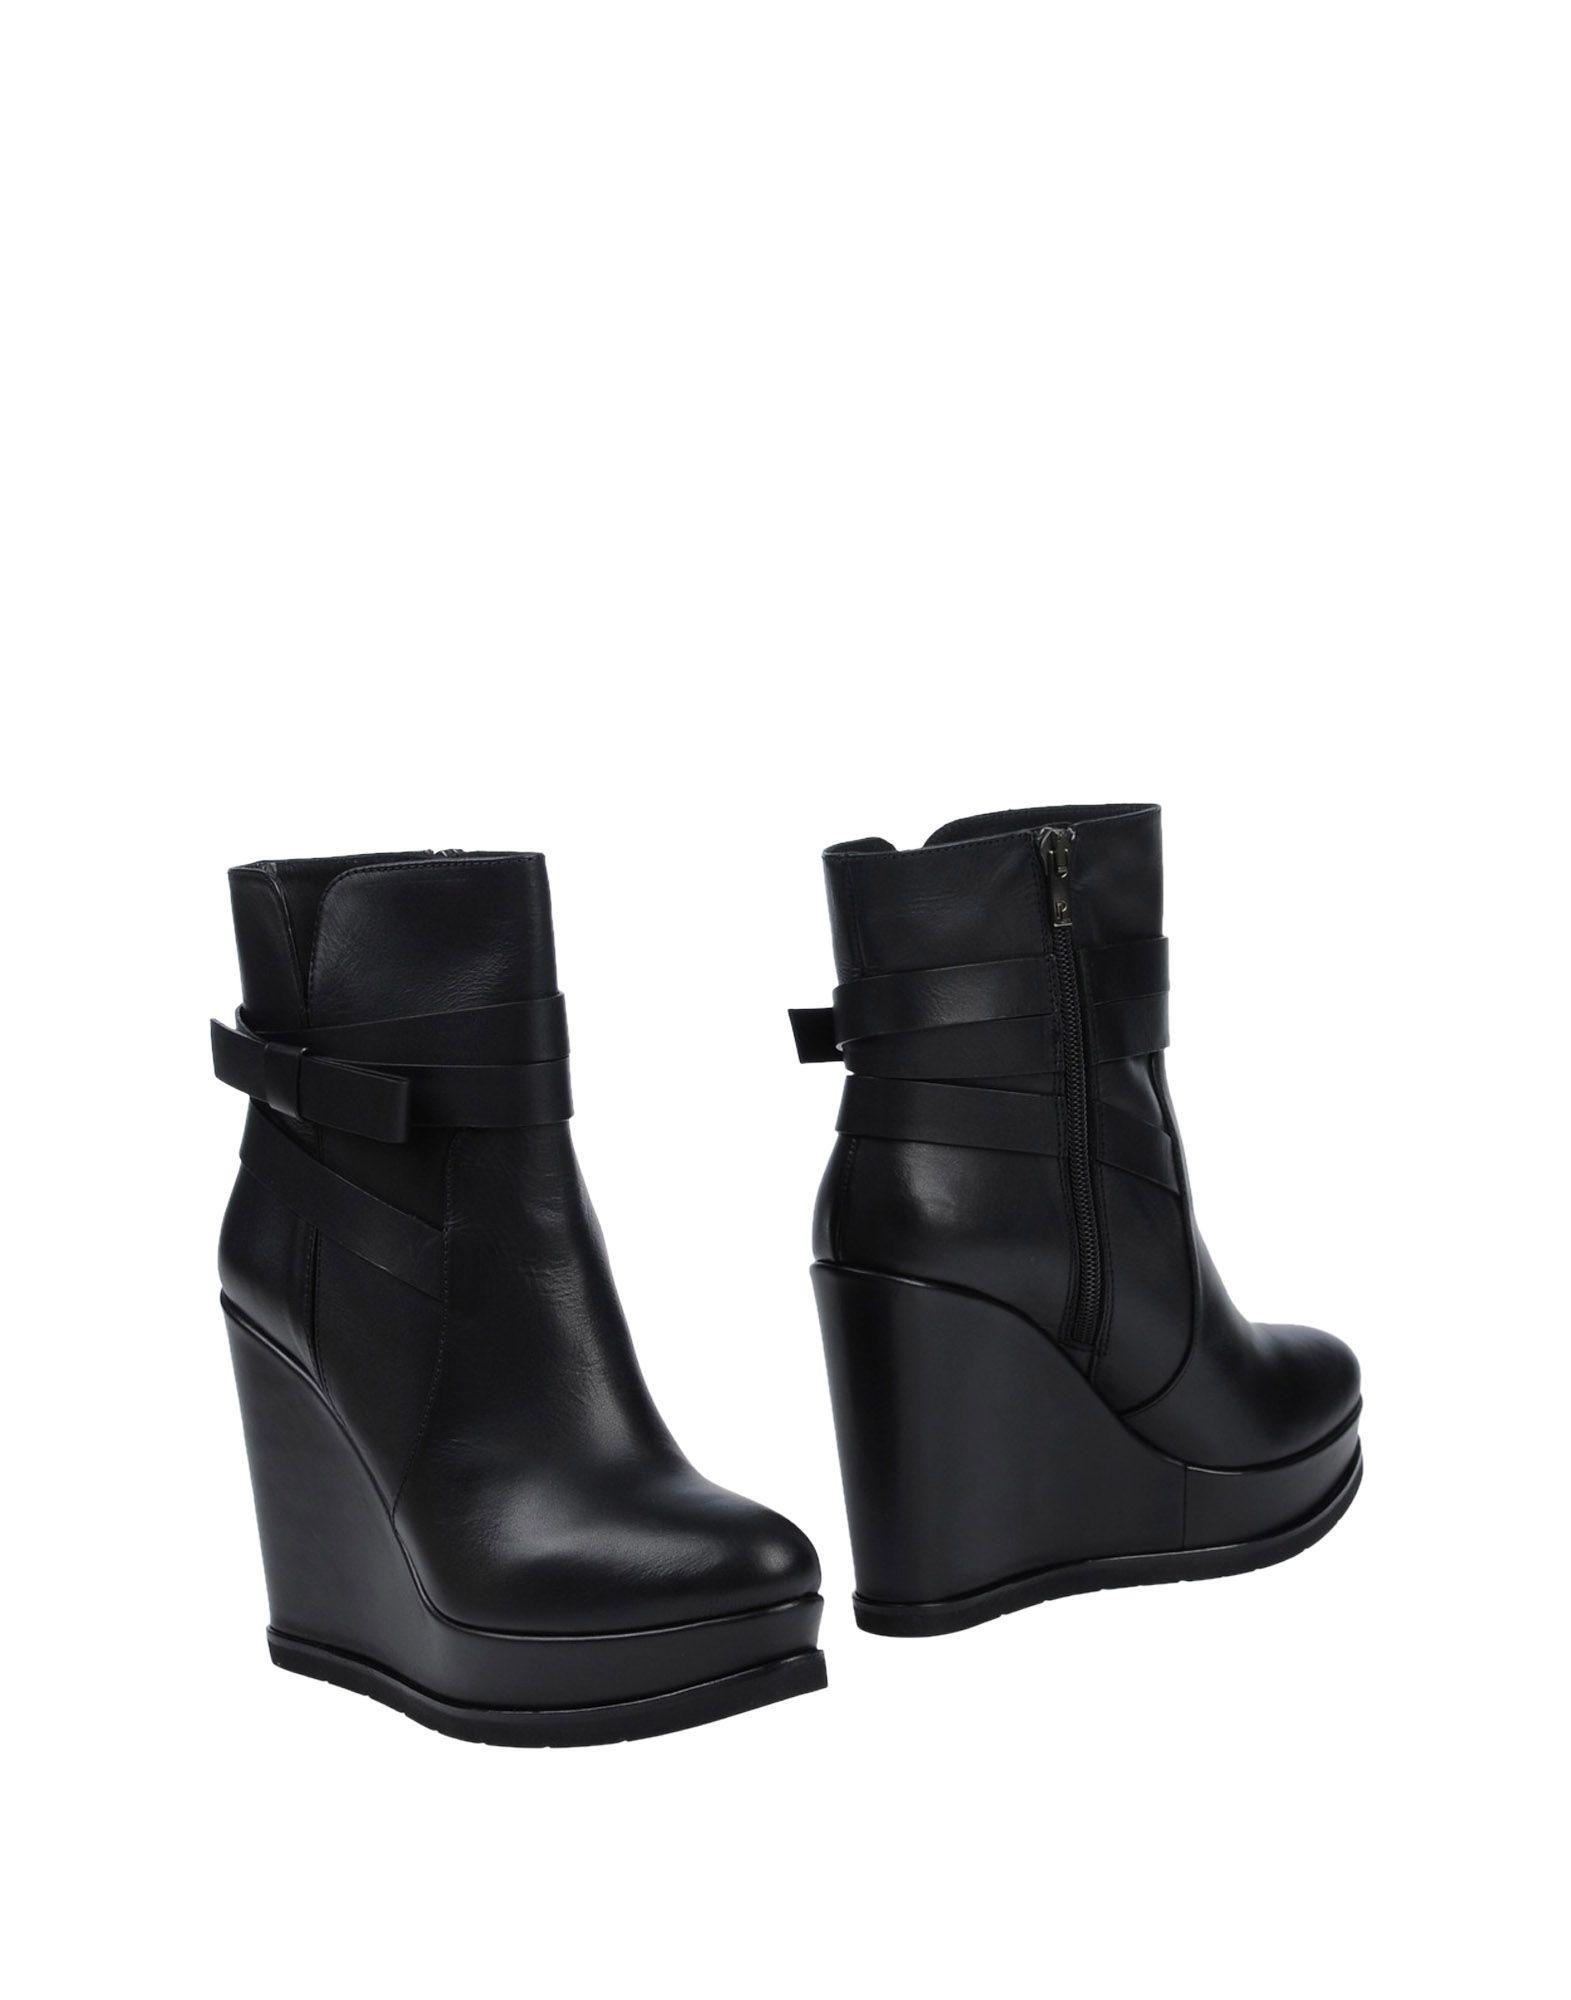 Sneakers Buddy Uomo - 11225840XQ Scarpe economiche e buone